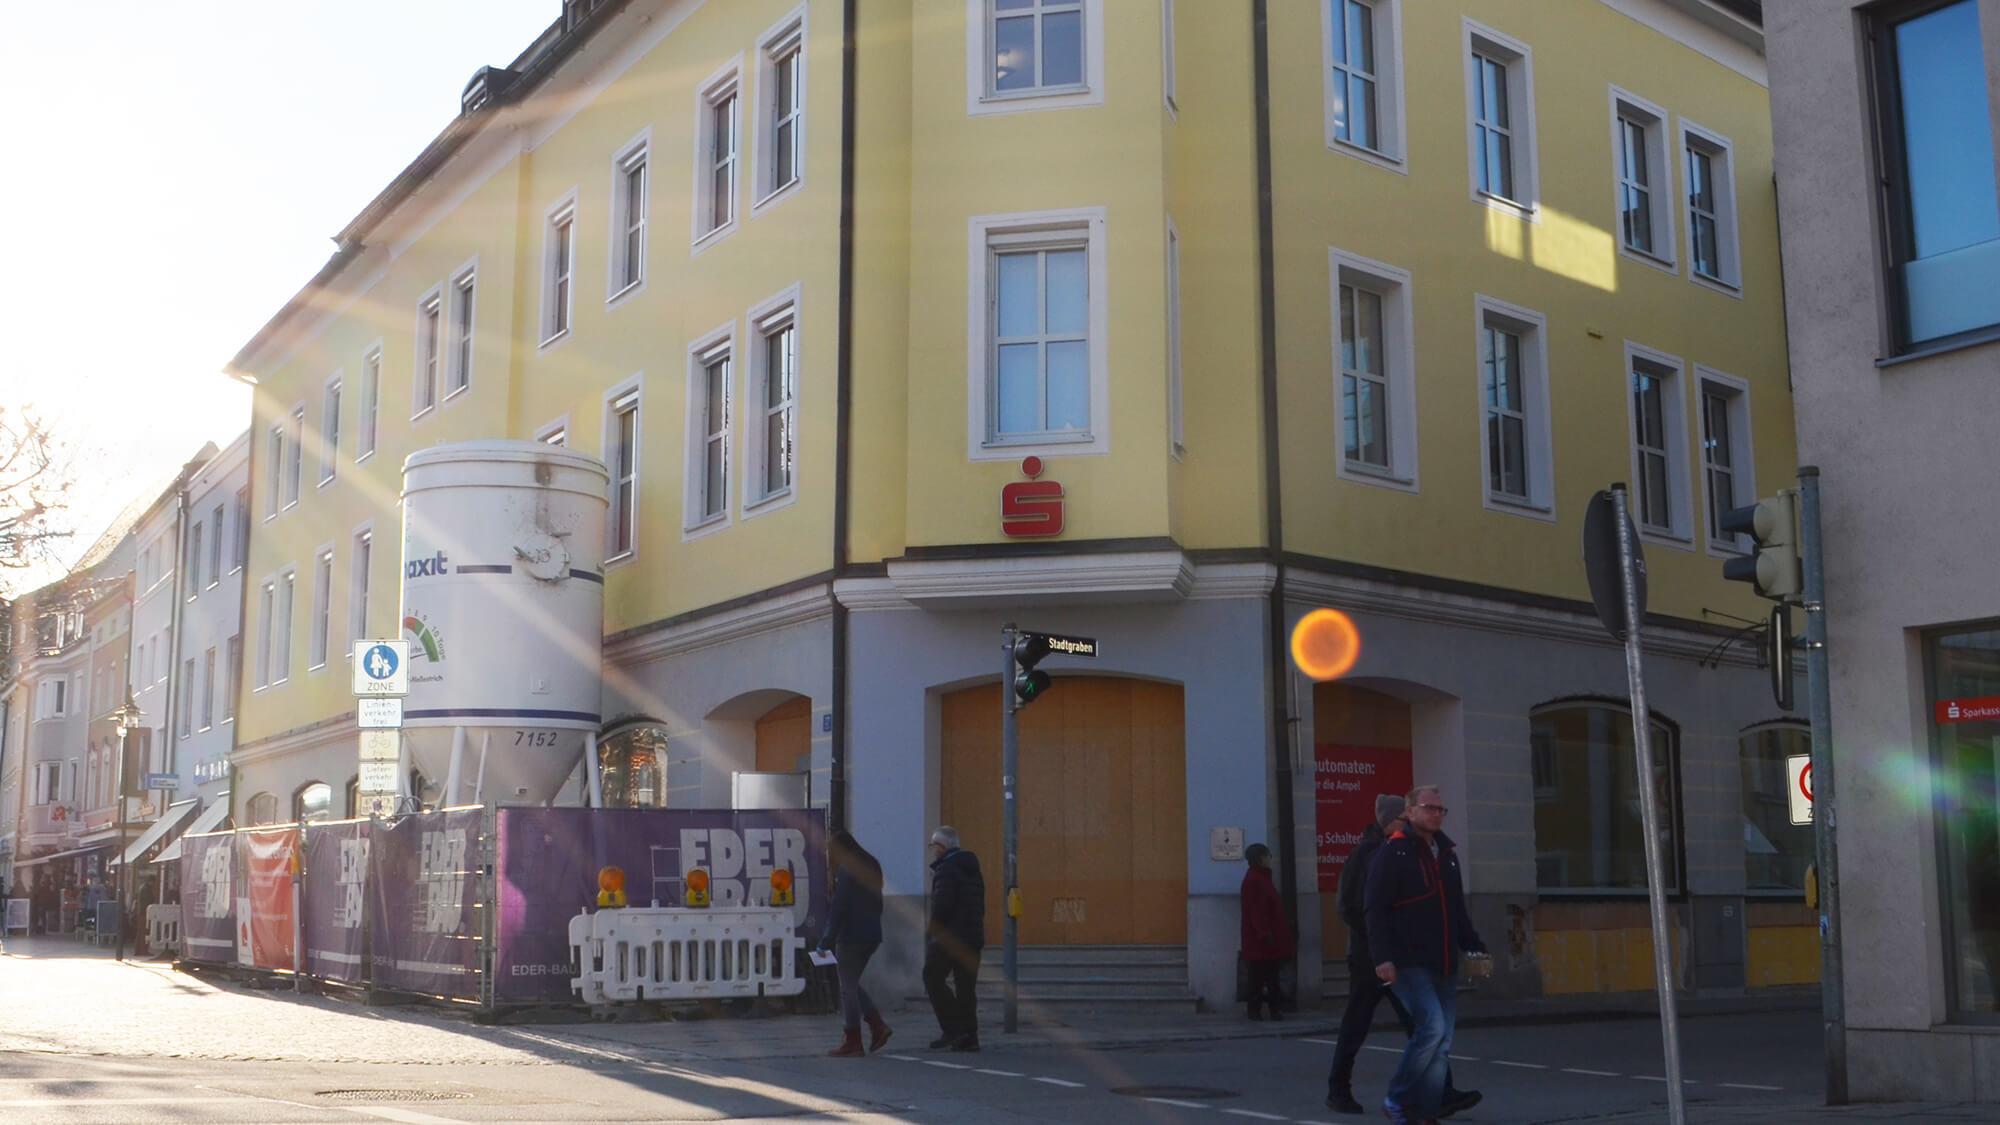 Außenansicht eines Sparkassen-Gebäudes in Deggendorf